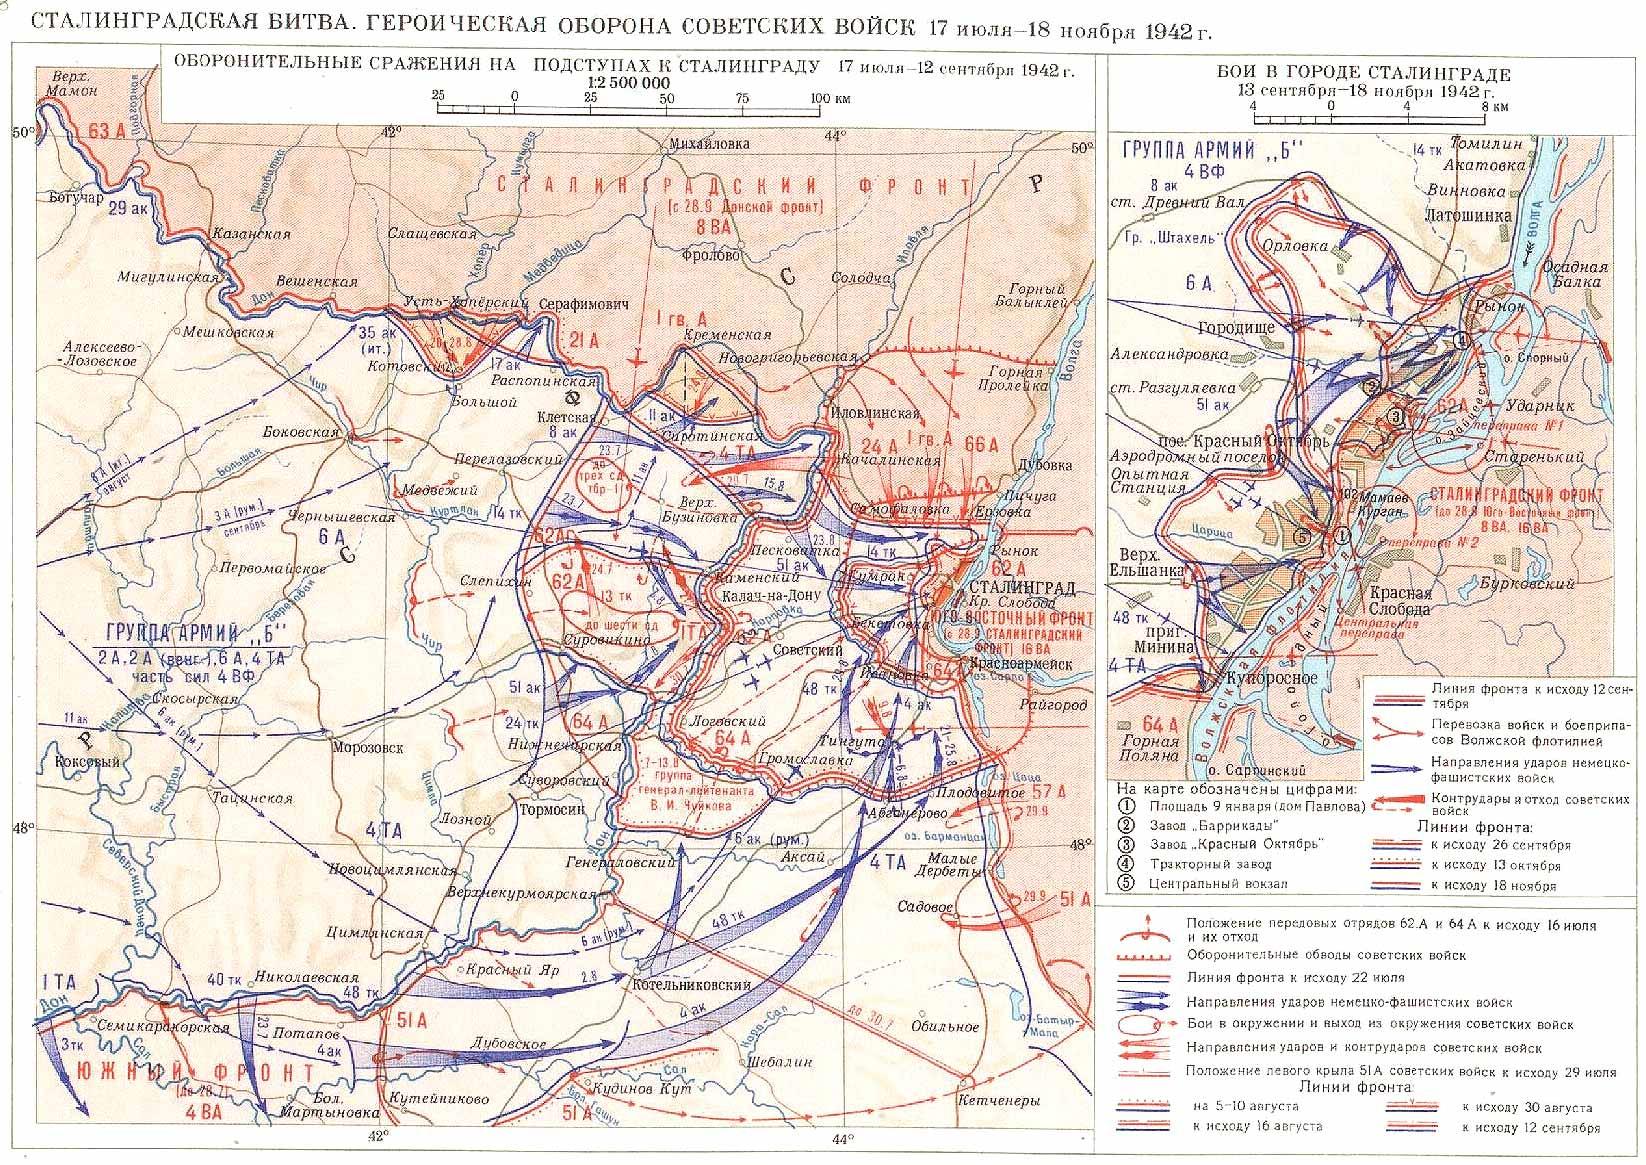 Карты Великой Отечественной войны/1942/stalingrad1.